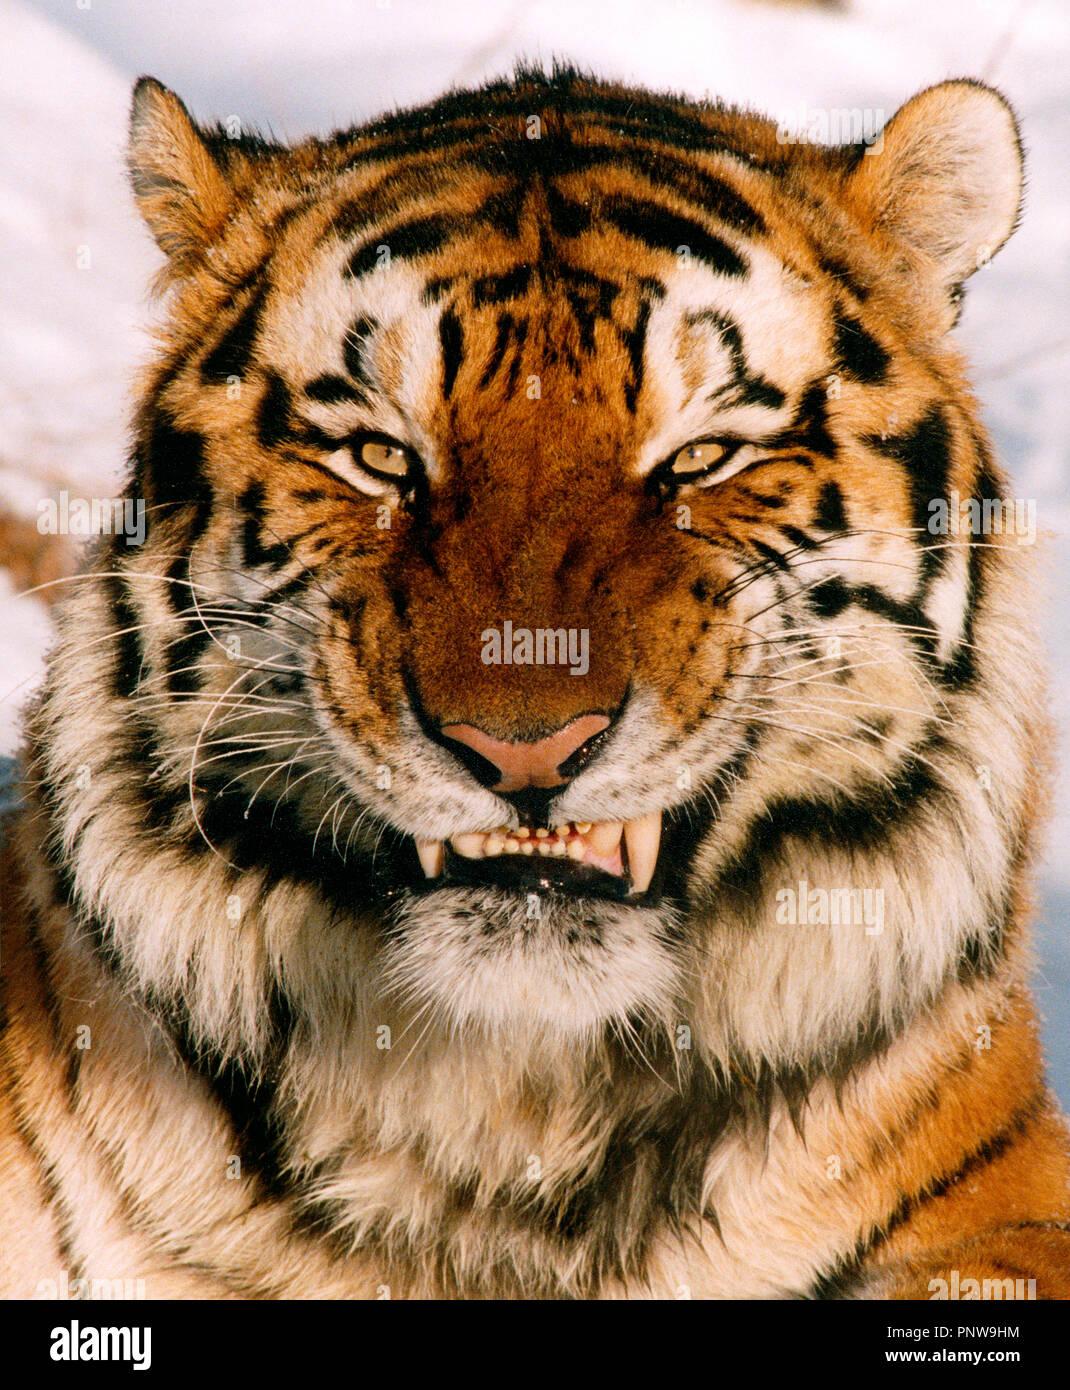 Cierre exterior retrato de gruñido feroz tigre siberiano. Rusia. Imagen De Stock